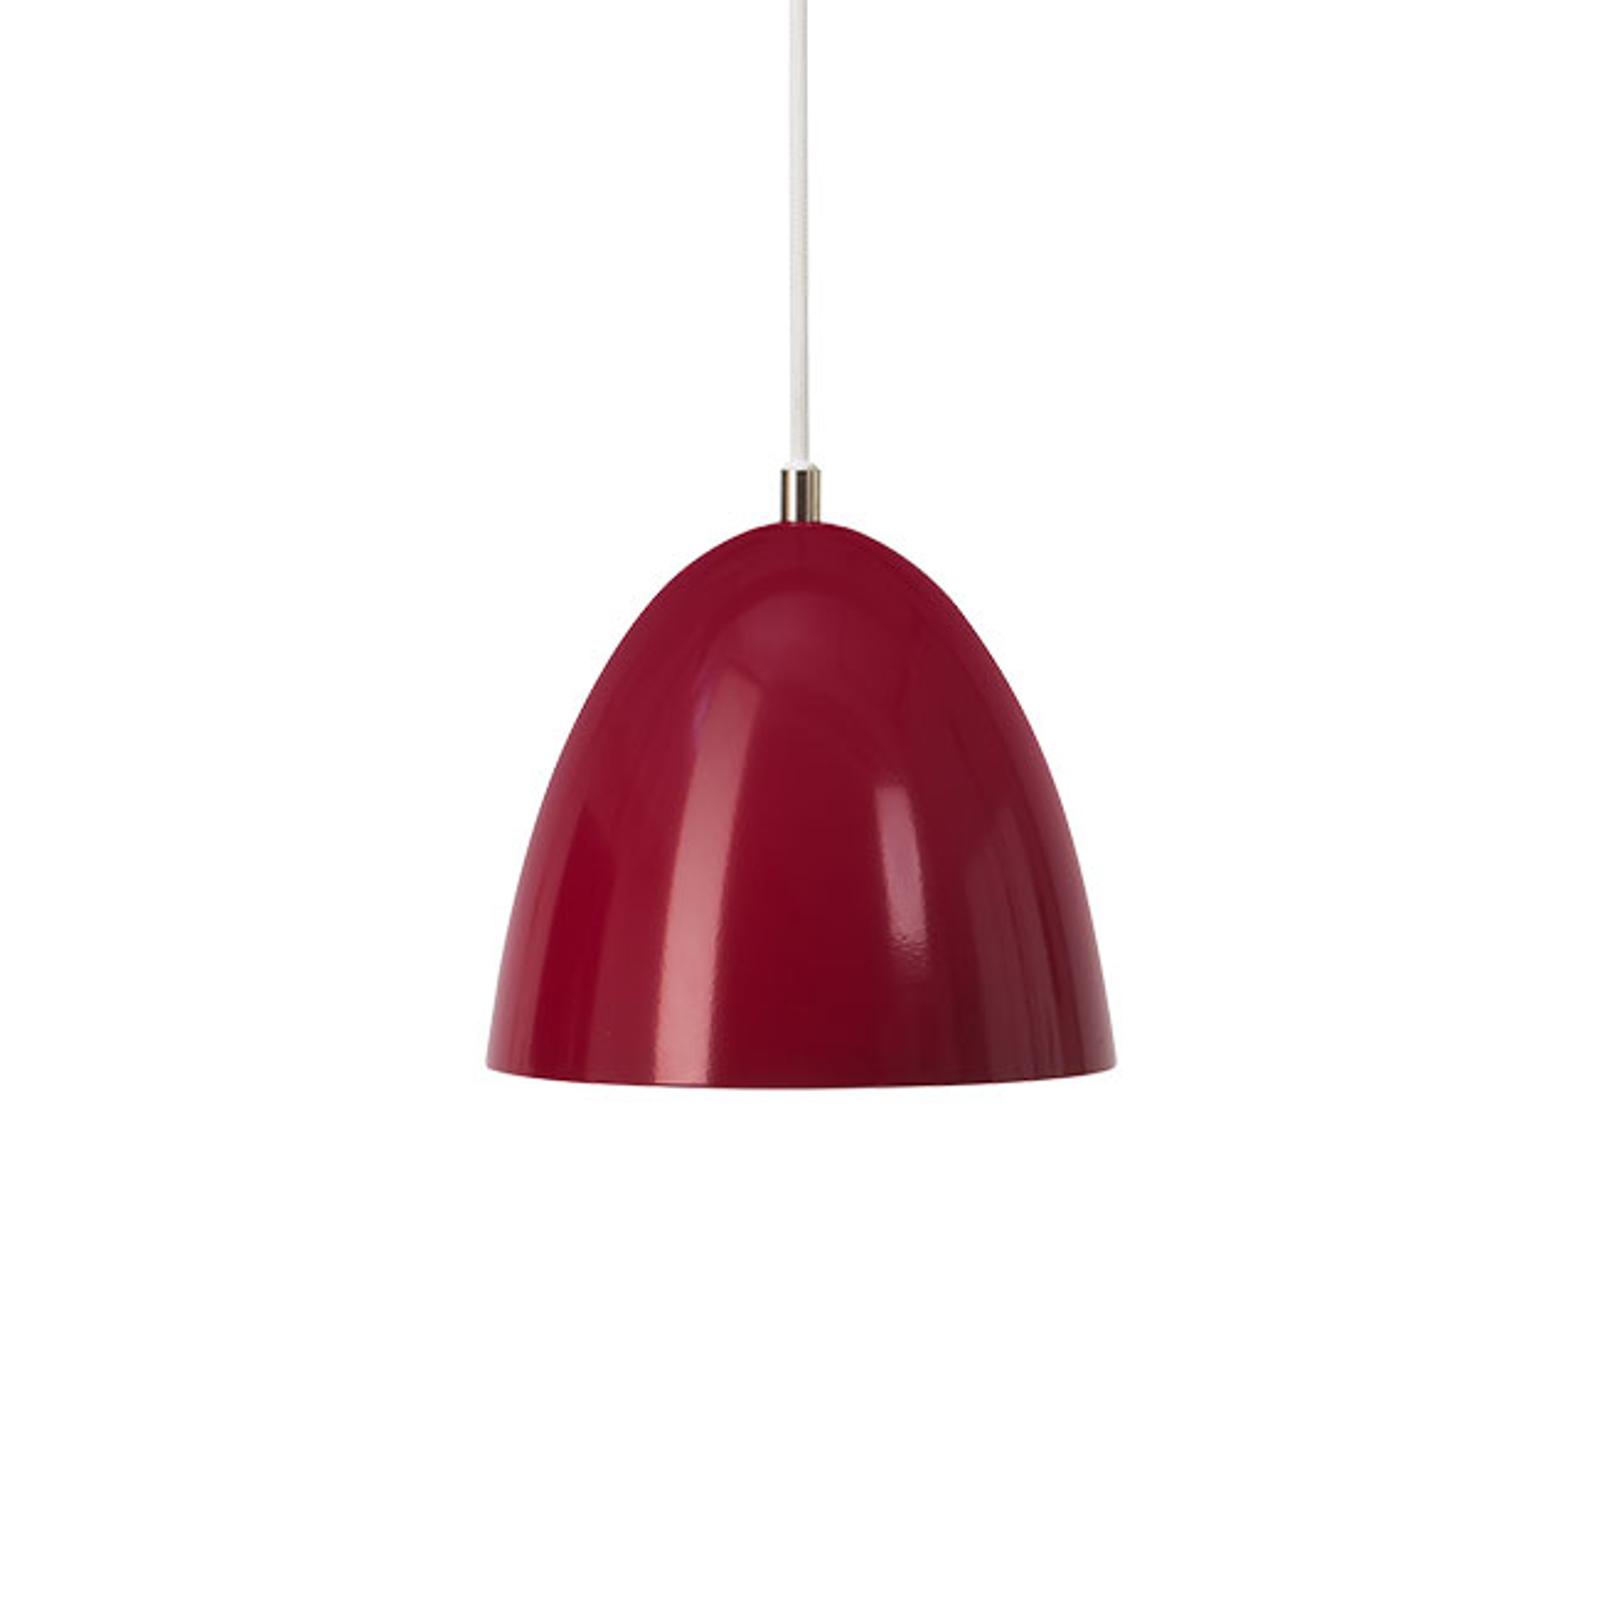 LED hanglamp Eas, Ø 24 cm, 3.000 K, rood